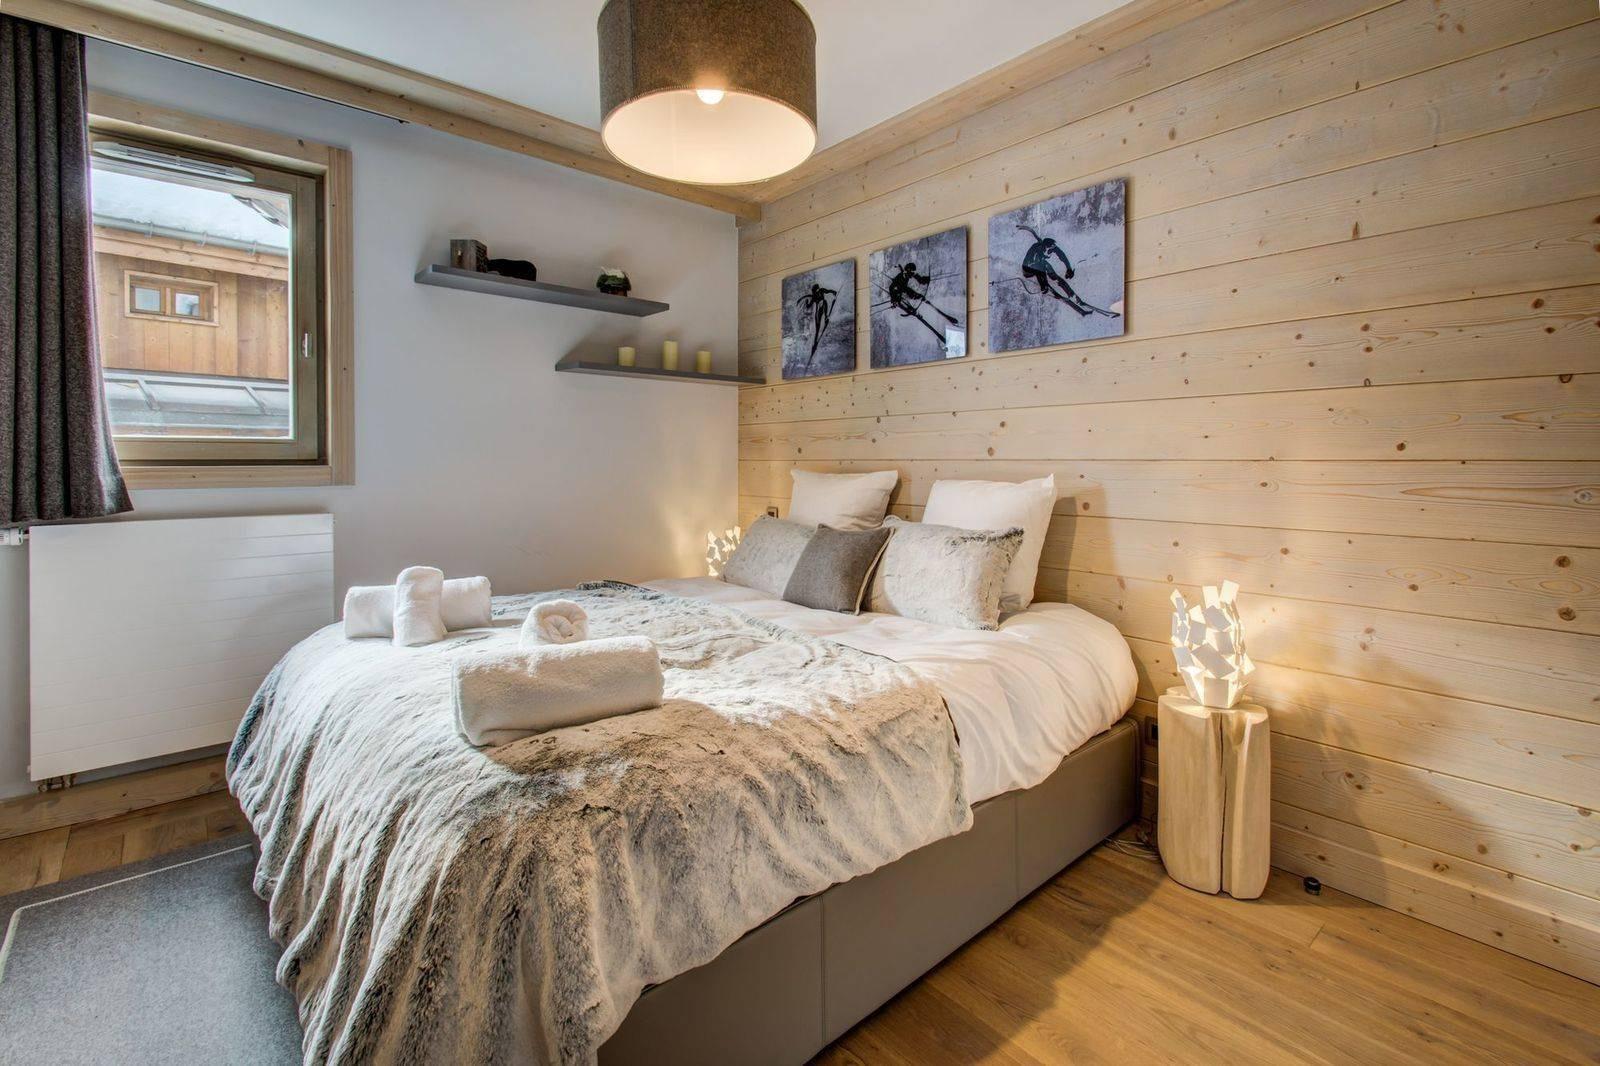 Courchevel 1550 Location Appartement Luxe Telimite Chambre 5